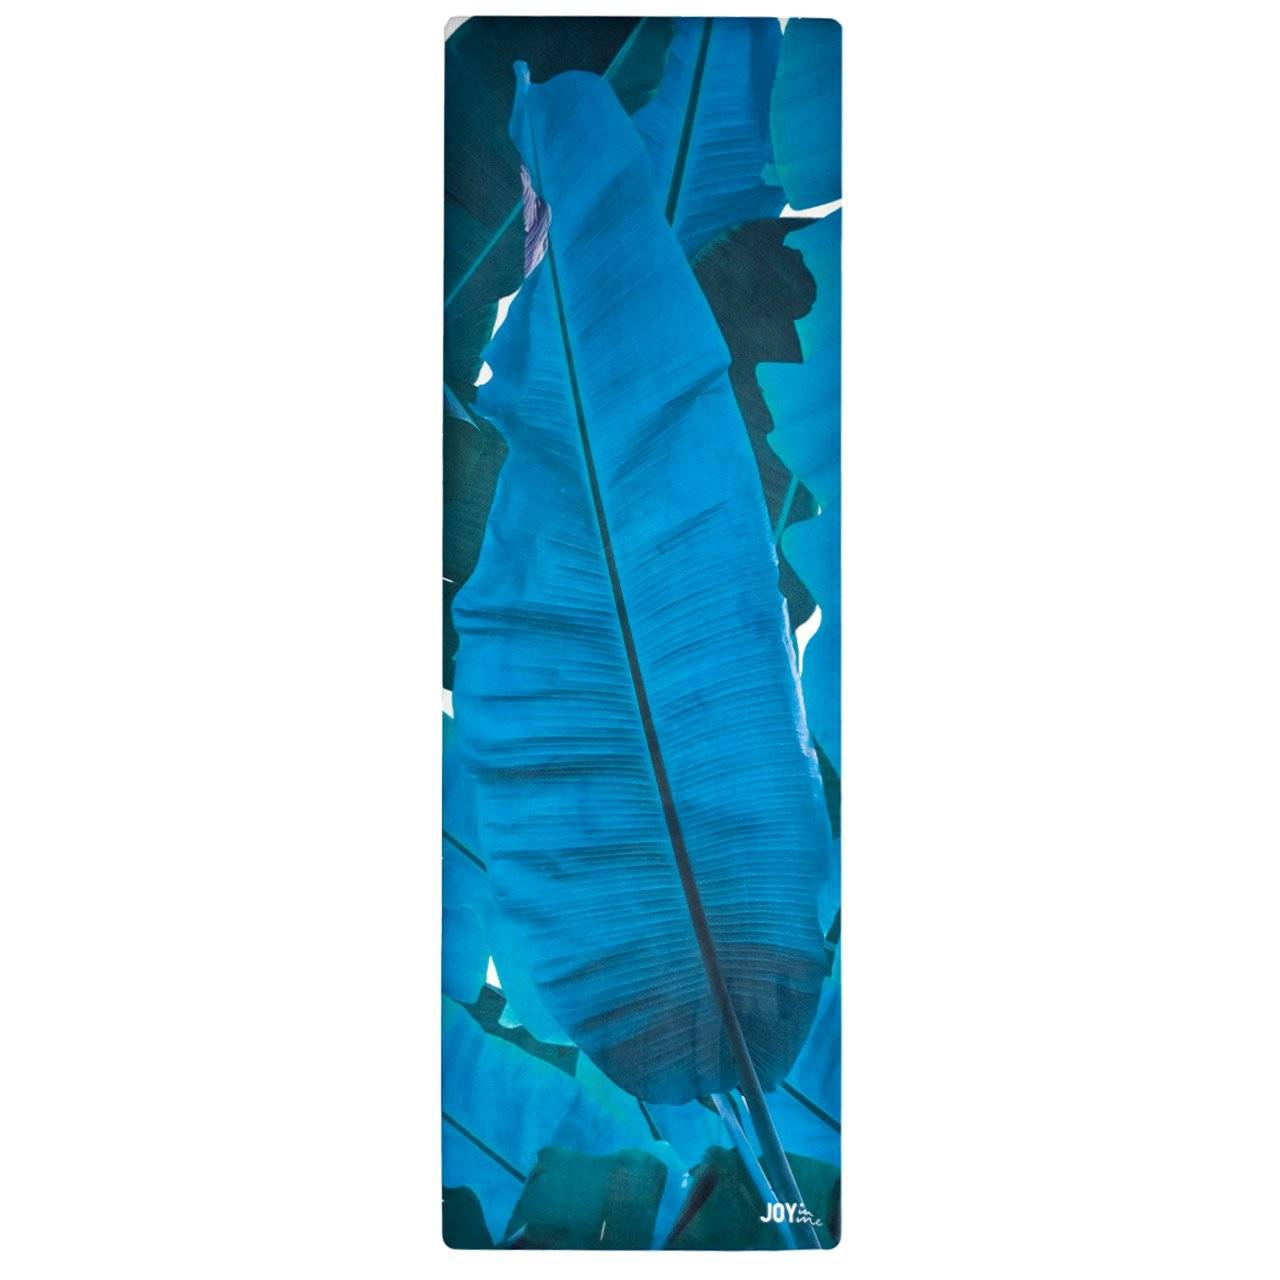 JOY in me Premium-Yogamatte Flow Lagoon Escape mit Trageschlaufe Naturkautschuk Rutschfest 183x63x0,3 cm